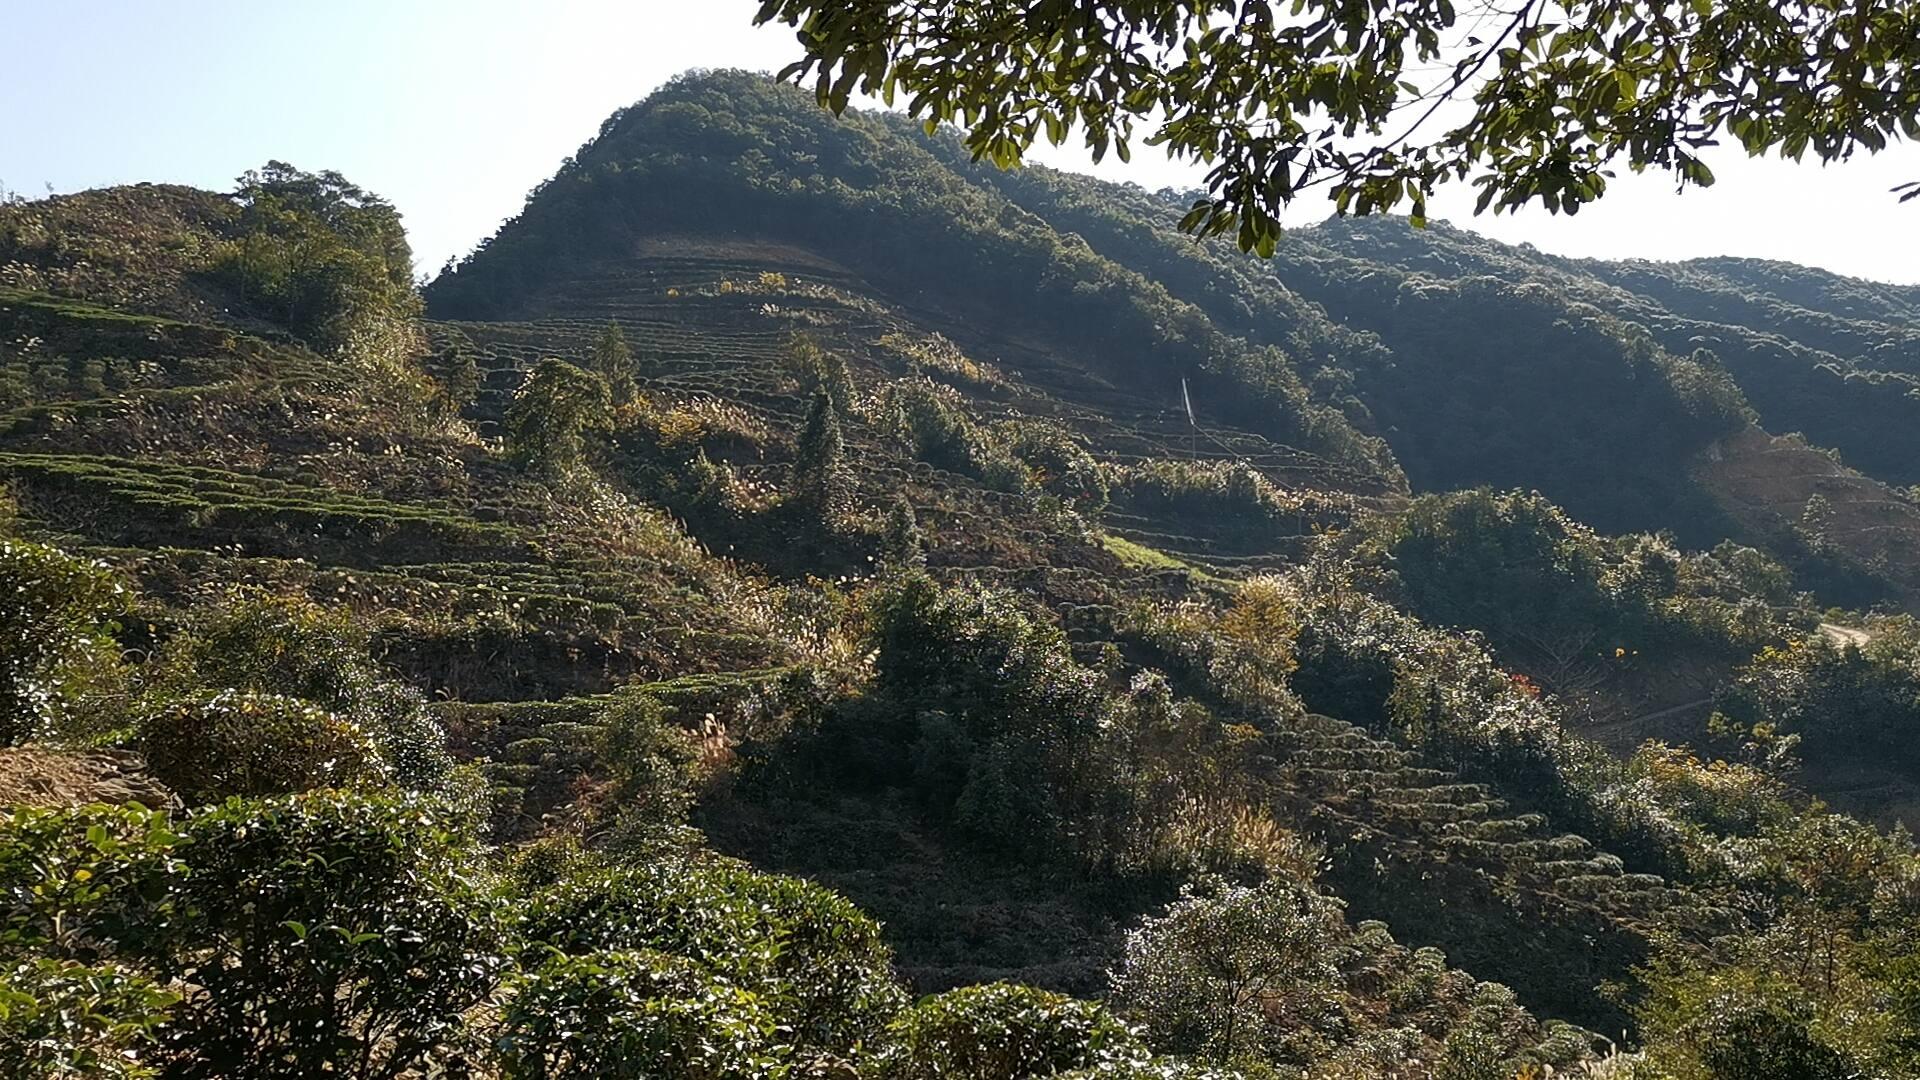 丰顺县洋西坑:群山耸峙,峰峦叠嶂